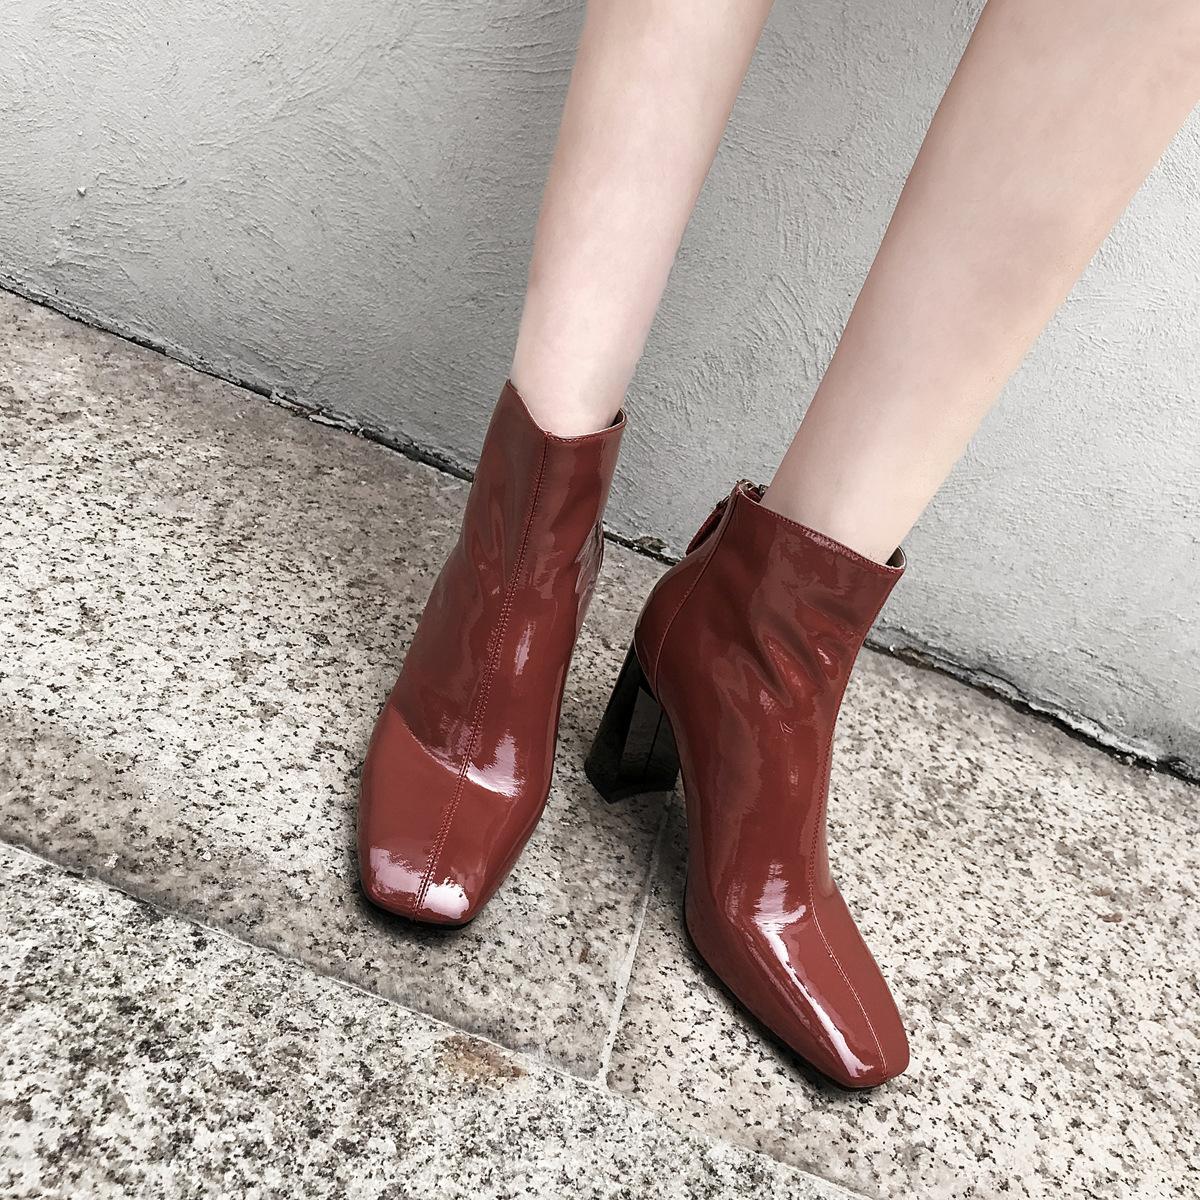 洛百丽专柜正品2018春秋新款女鞋英伦方头马蹄跟女靴子里外真皮短